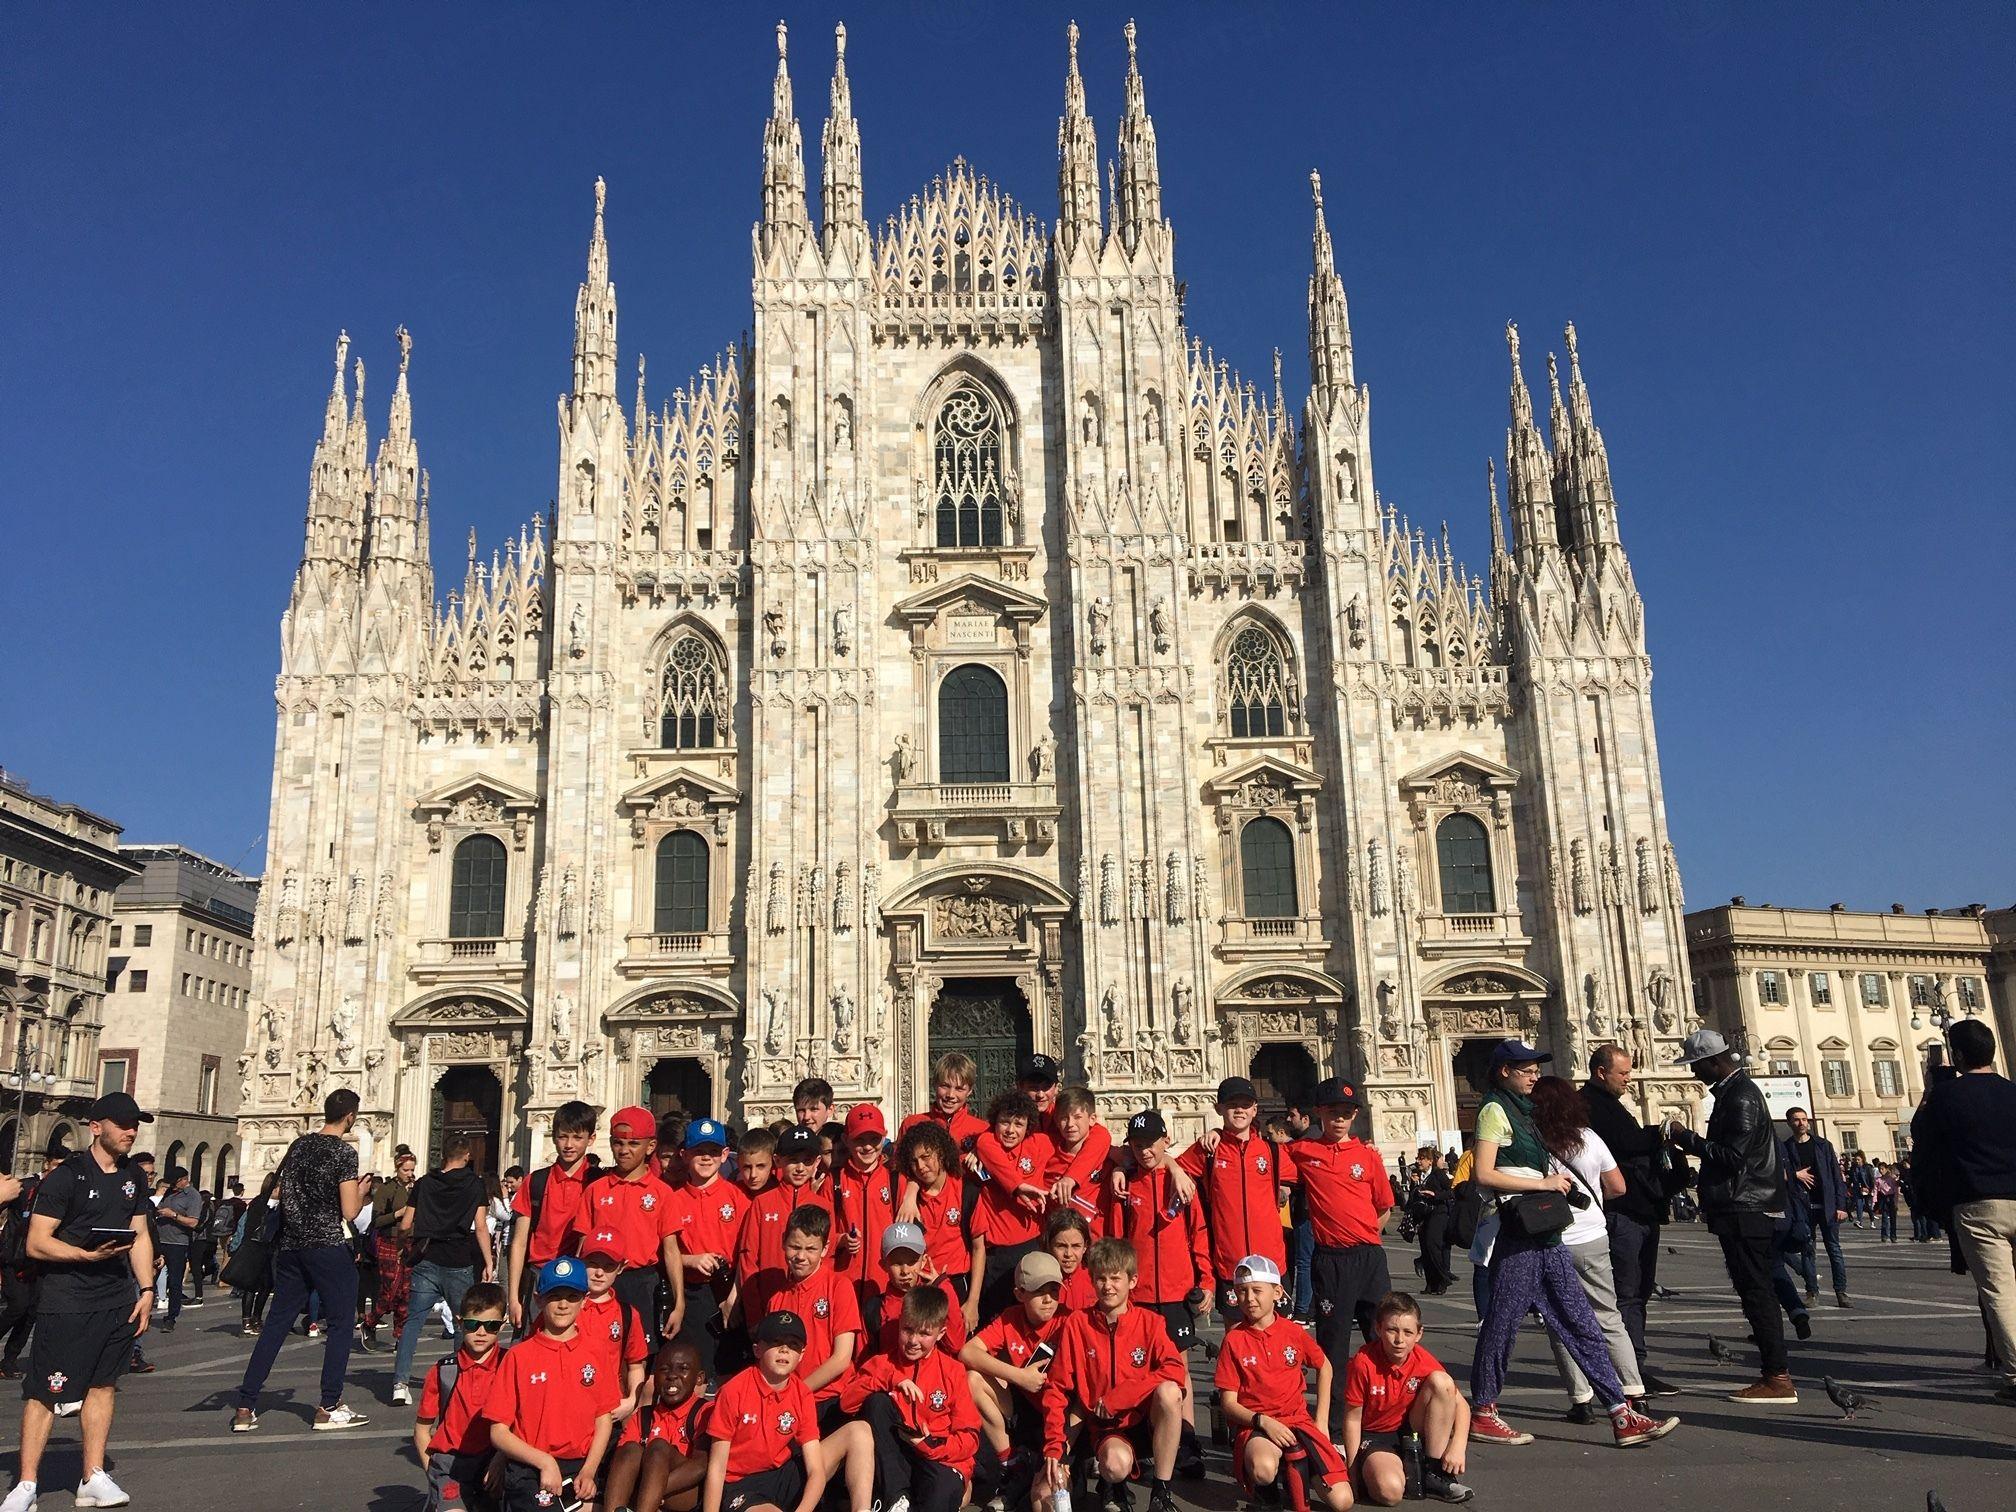 Partite e visita in città: i ragazzi del Southampton ospiti dell'Inter